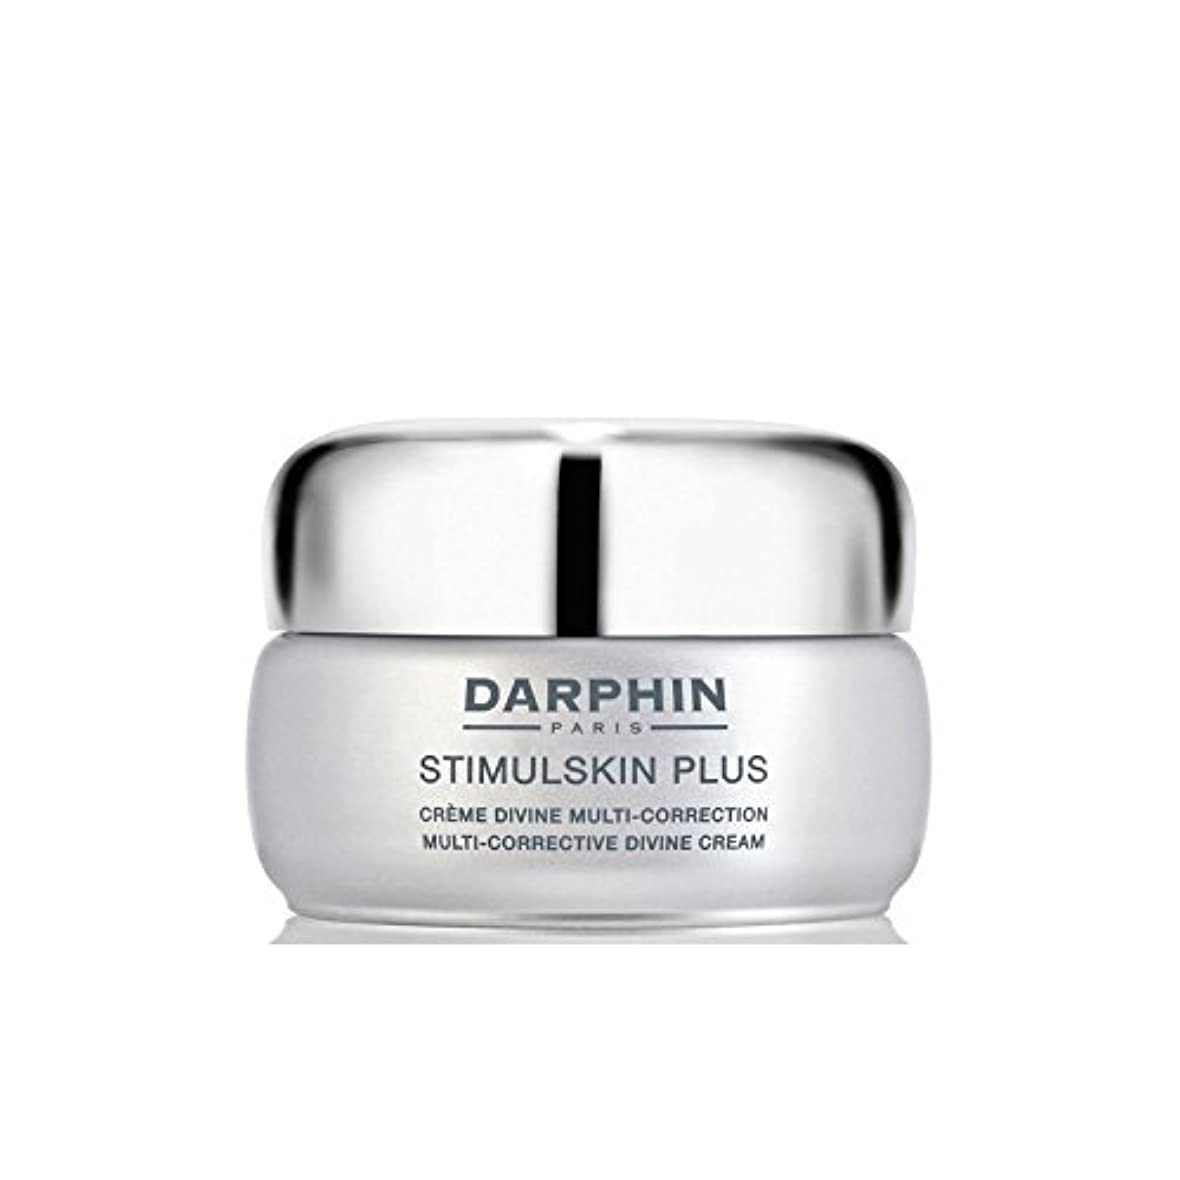 デュアルコメントつぼみダルファンスティプラスマルチ是正神クリーム - 豊富 x4 - Darphin Stimulskin Plus Multi-Corrective Divine Cream - Rich (Pack of 4) [並行輸入品]